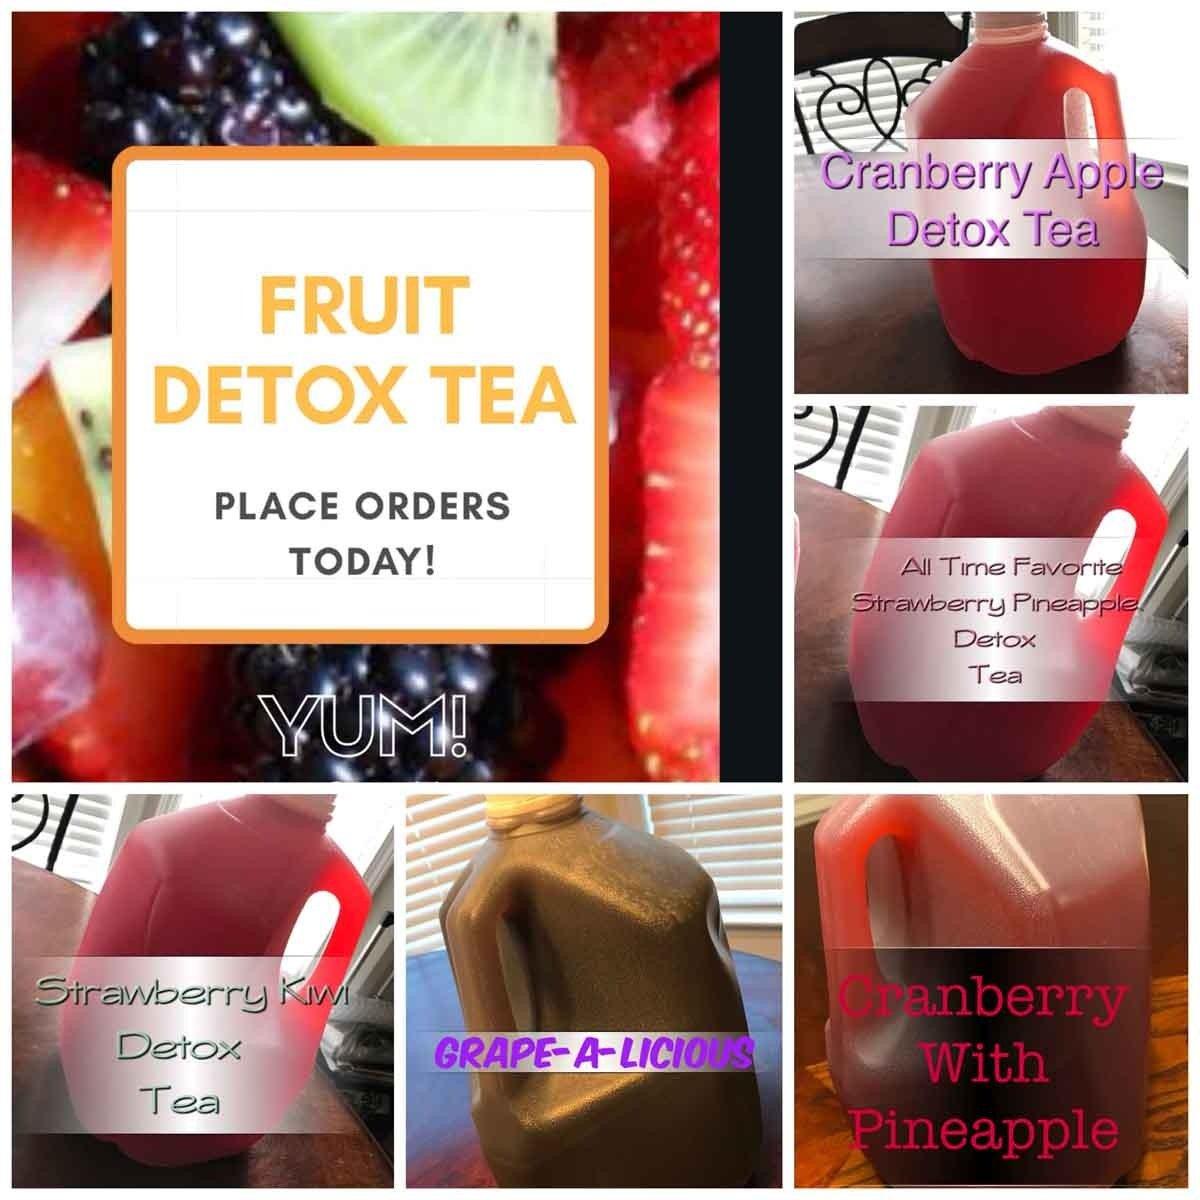 Fruit Detox Tea